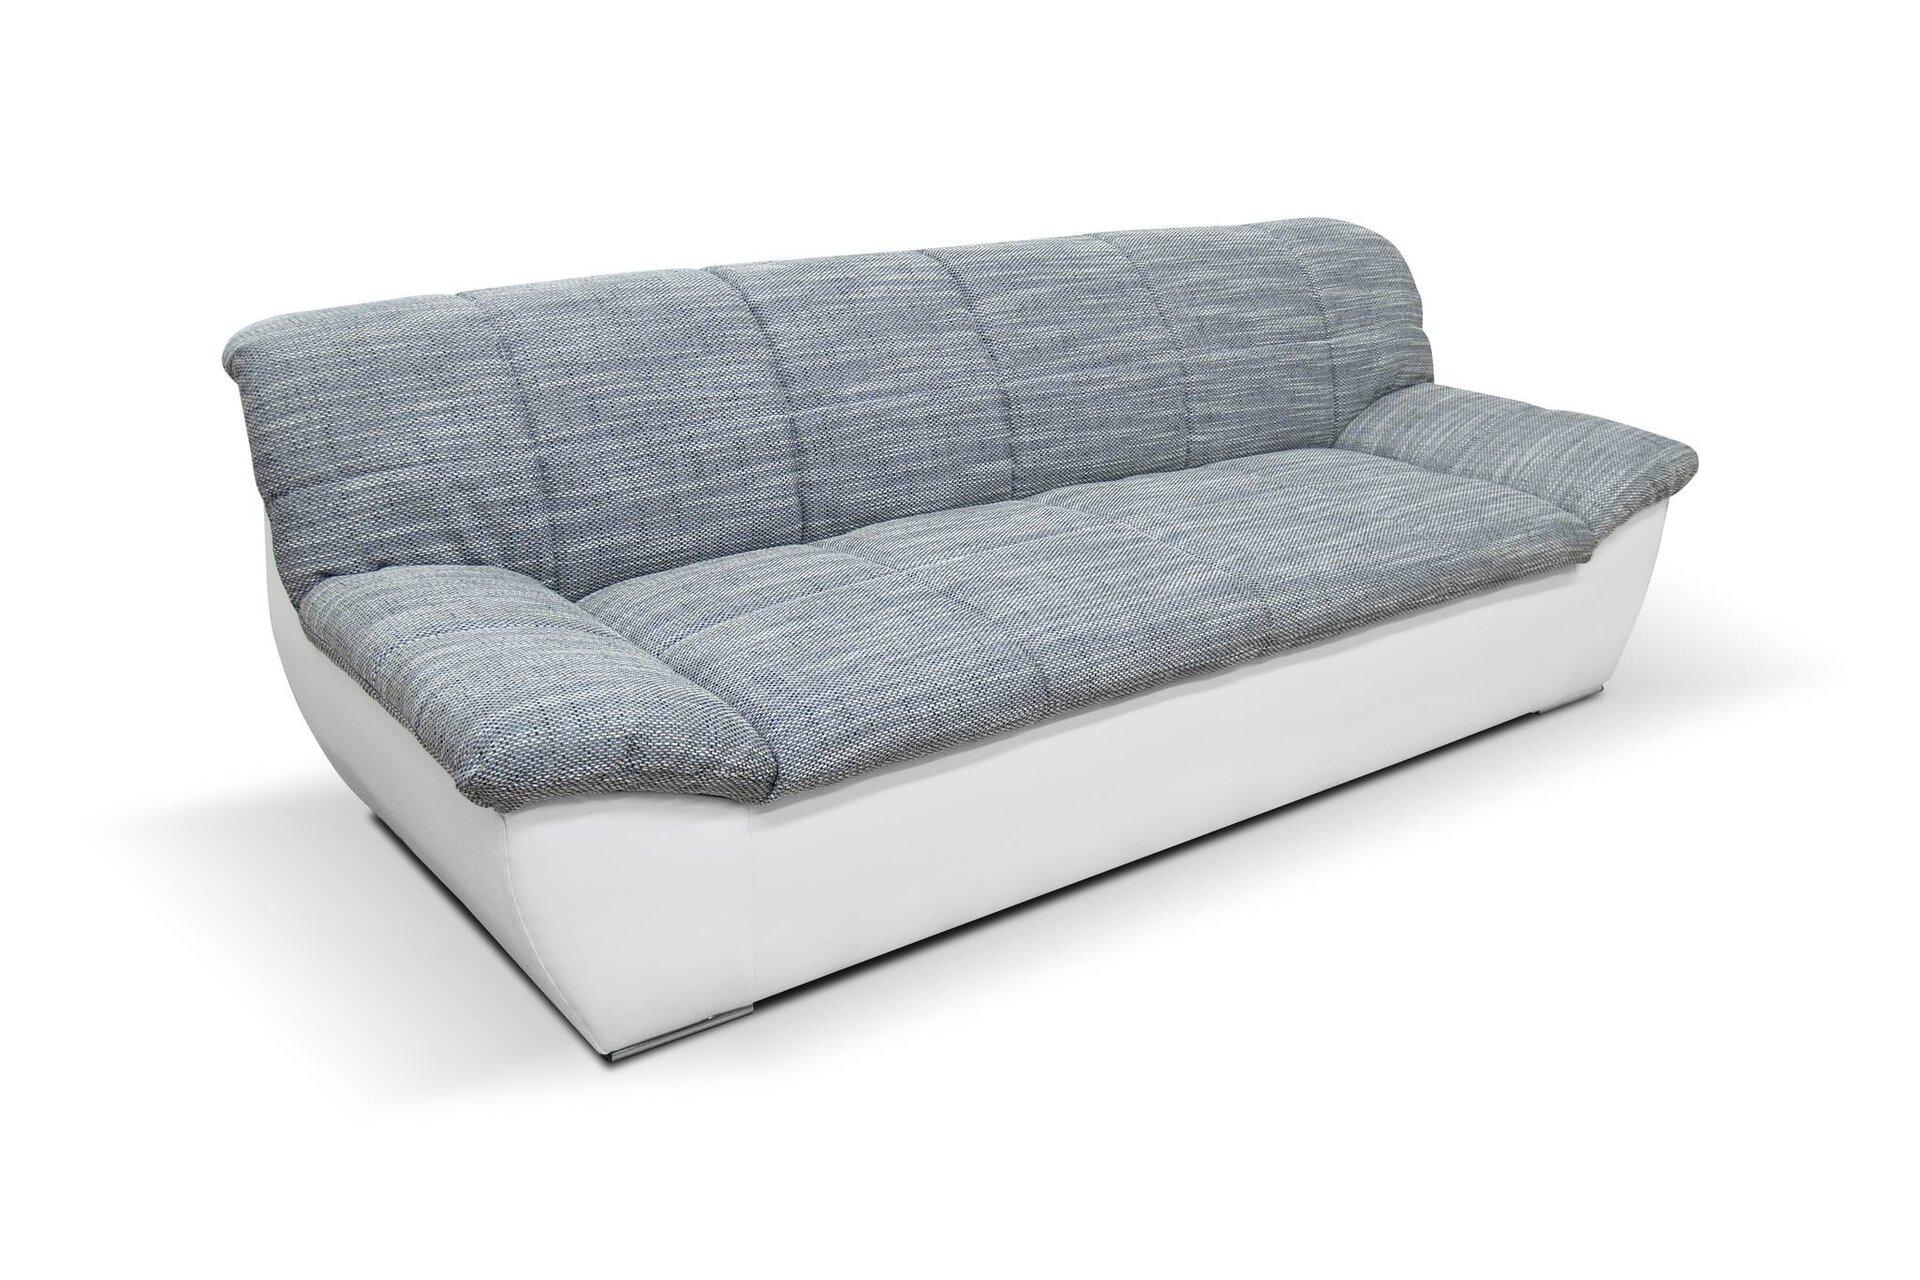 Sofa 2-Sitzer Splash Domo Collection Textil weiß 96 x 76 x 211 cm